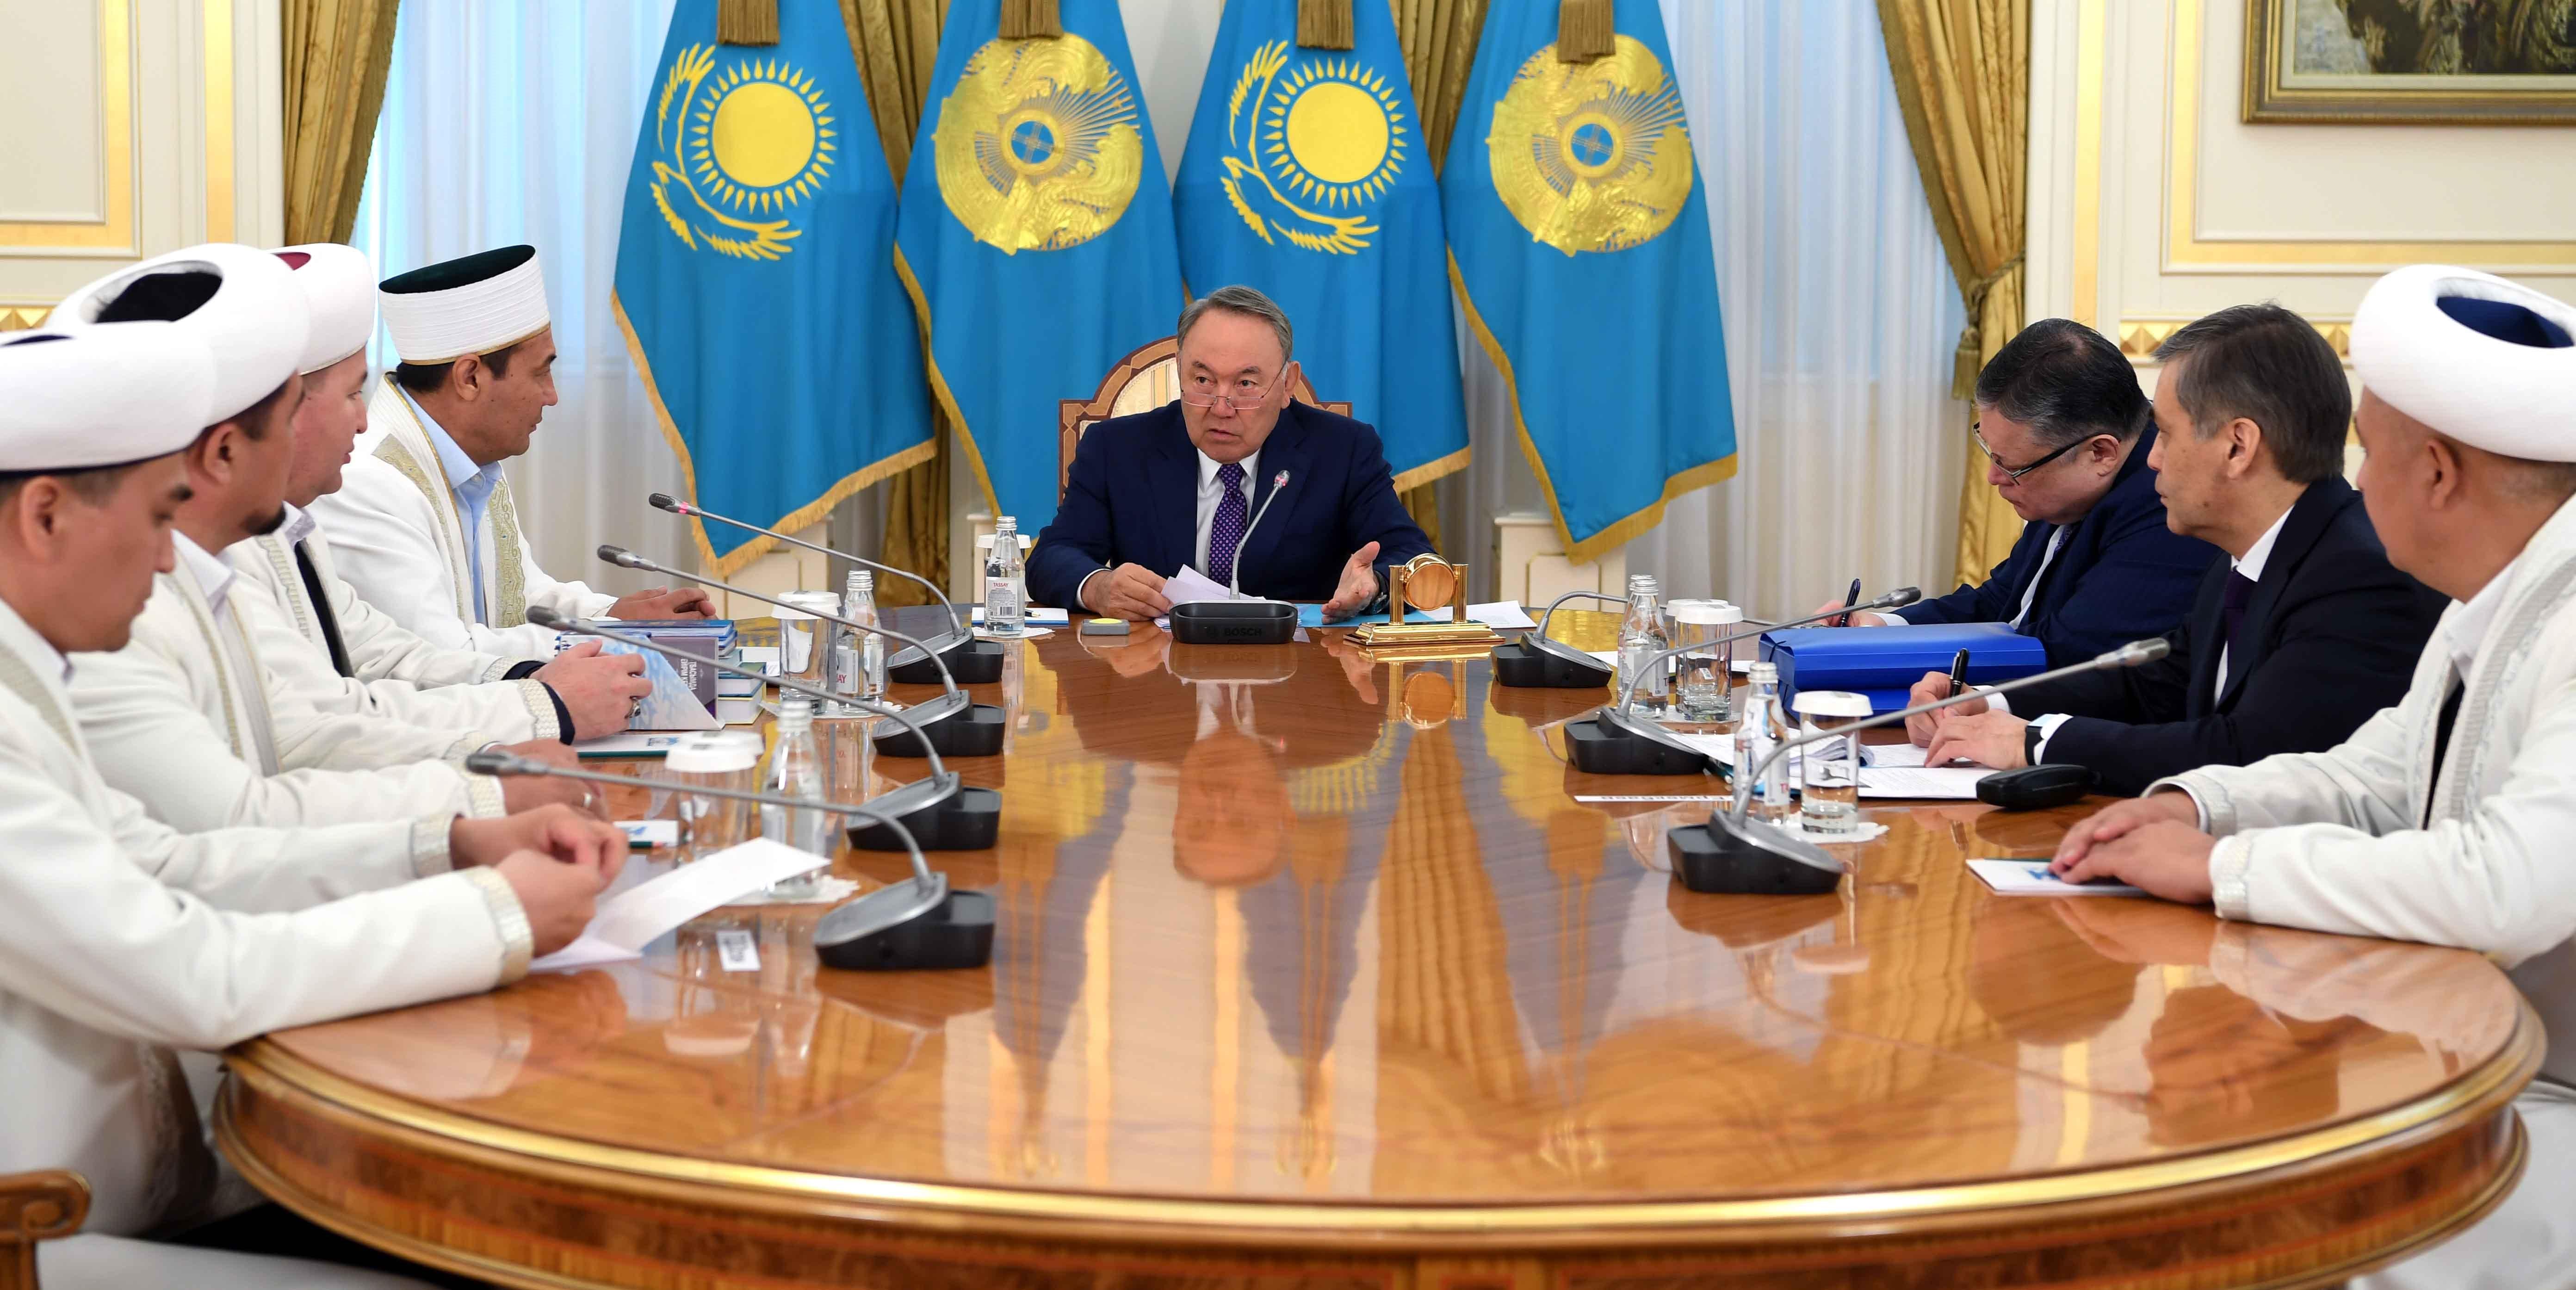 Президент Казахстана Нурсултан Назарбаев и представители ДУМК обсуждают религиозное образование имамов и молодежи. Астана, 19 апреля 2017 г. [Пресс-служба Назарбаева]